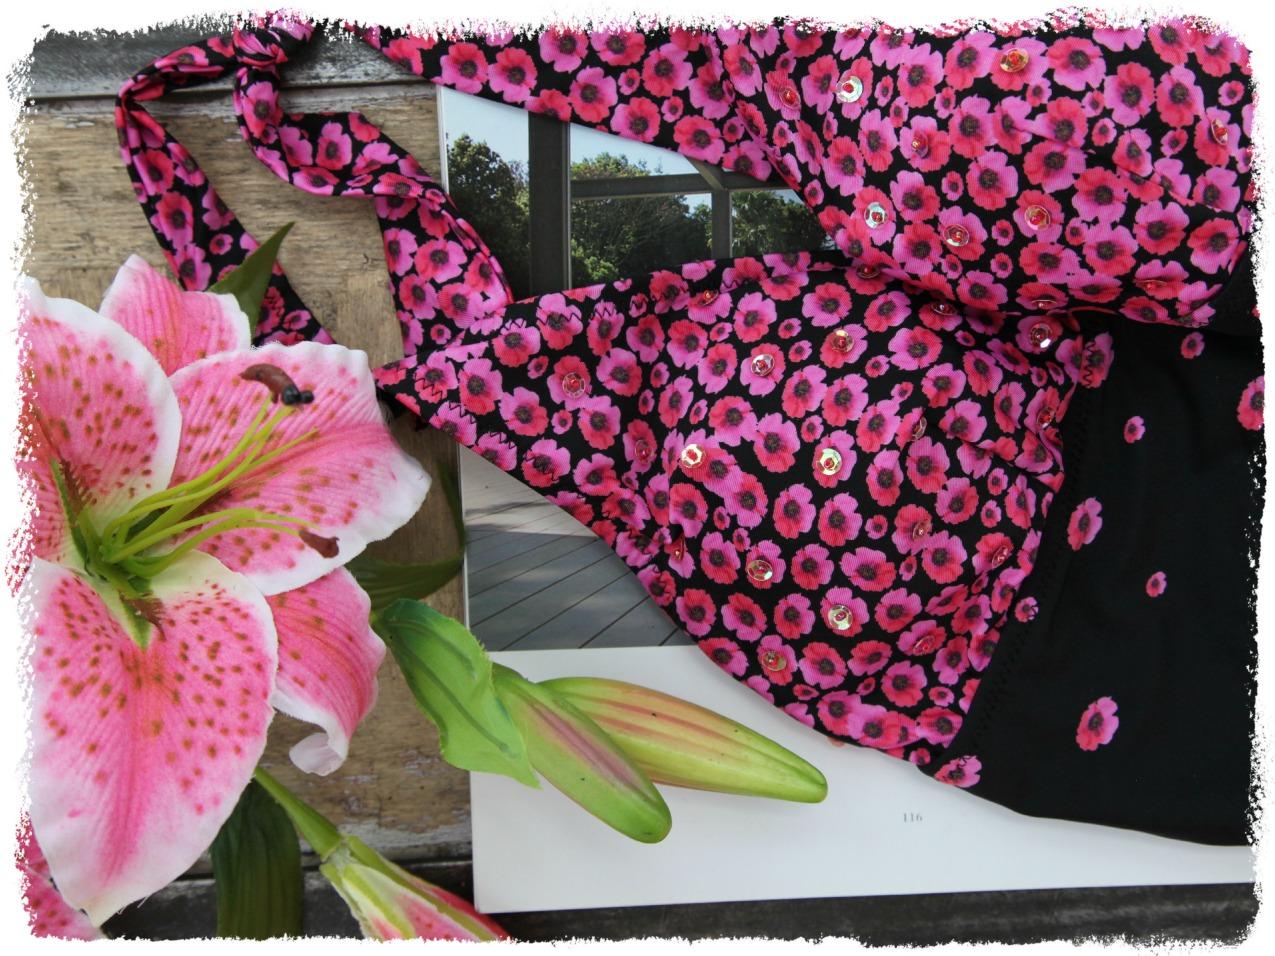 Di sole e d'azzurro: scarpe, costumi floreali e bijoux per un giugno all'insegna dello stile, alessia milanese, thechilicool, fashion blog, fashion blogger, aldo shoes, aeronautica militare,, doppini gioielli, bikiniworld